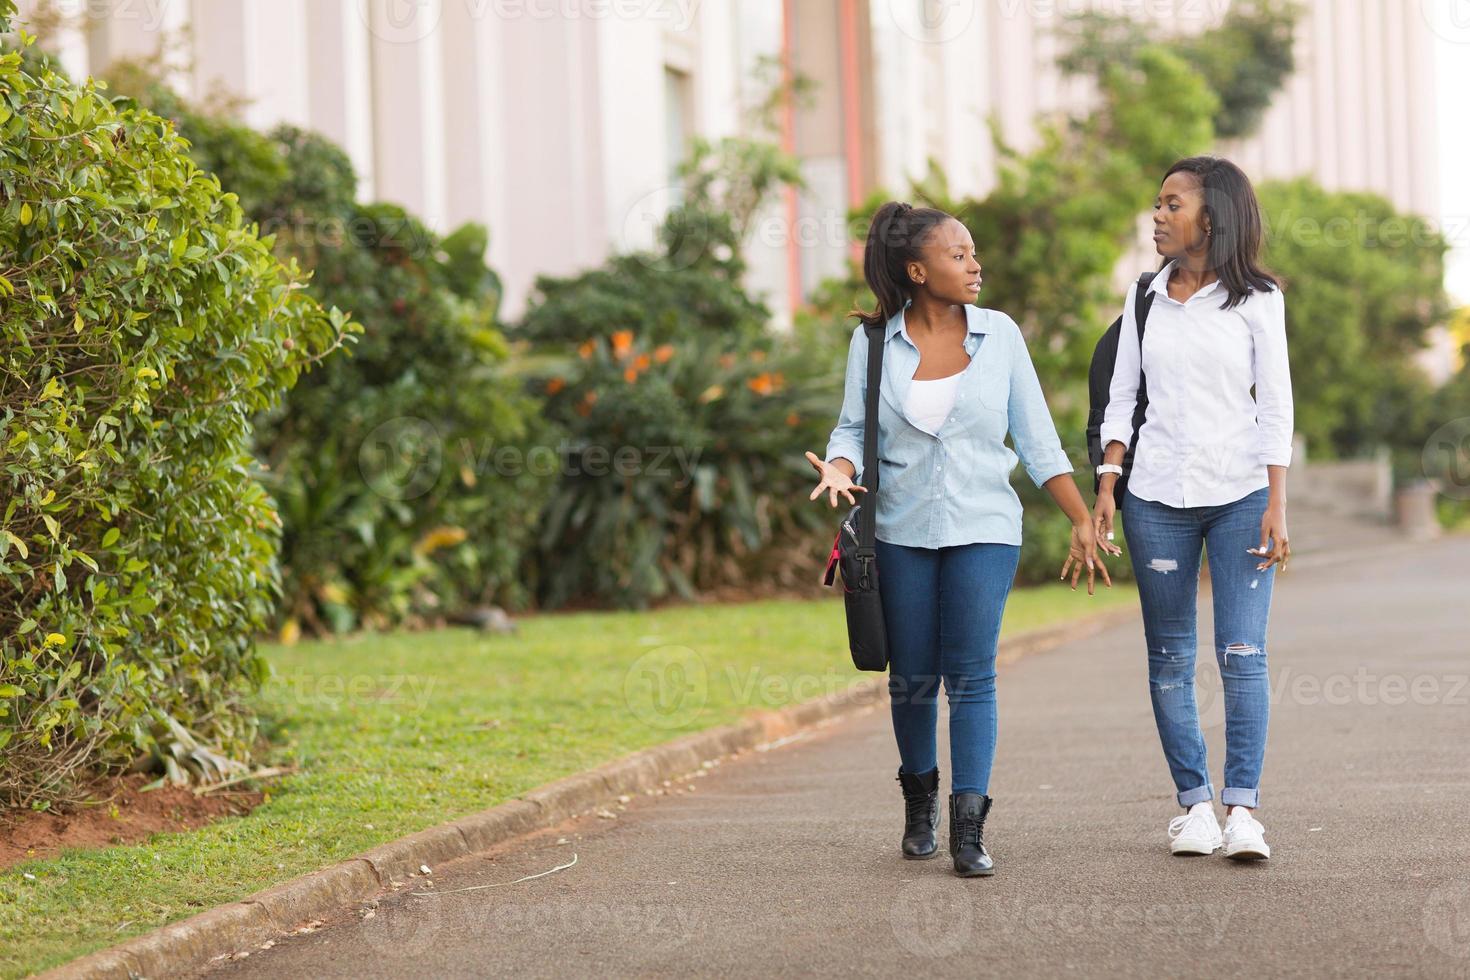 Afrikaanse studenten samen wandelen foto